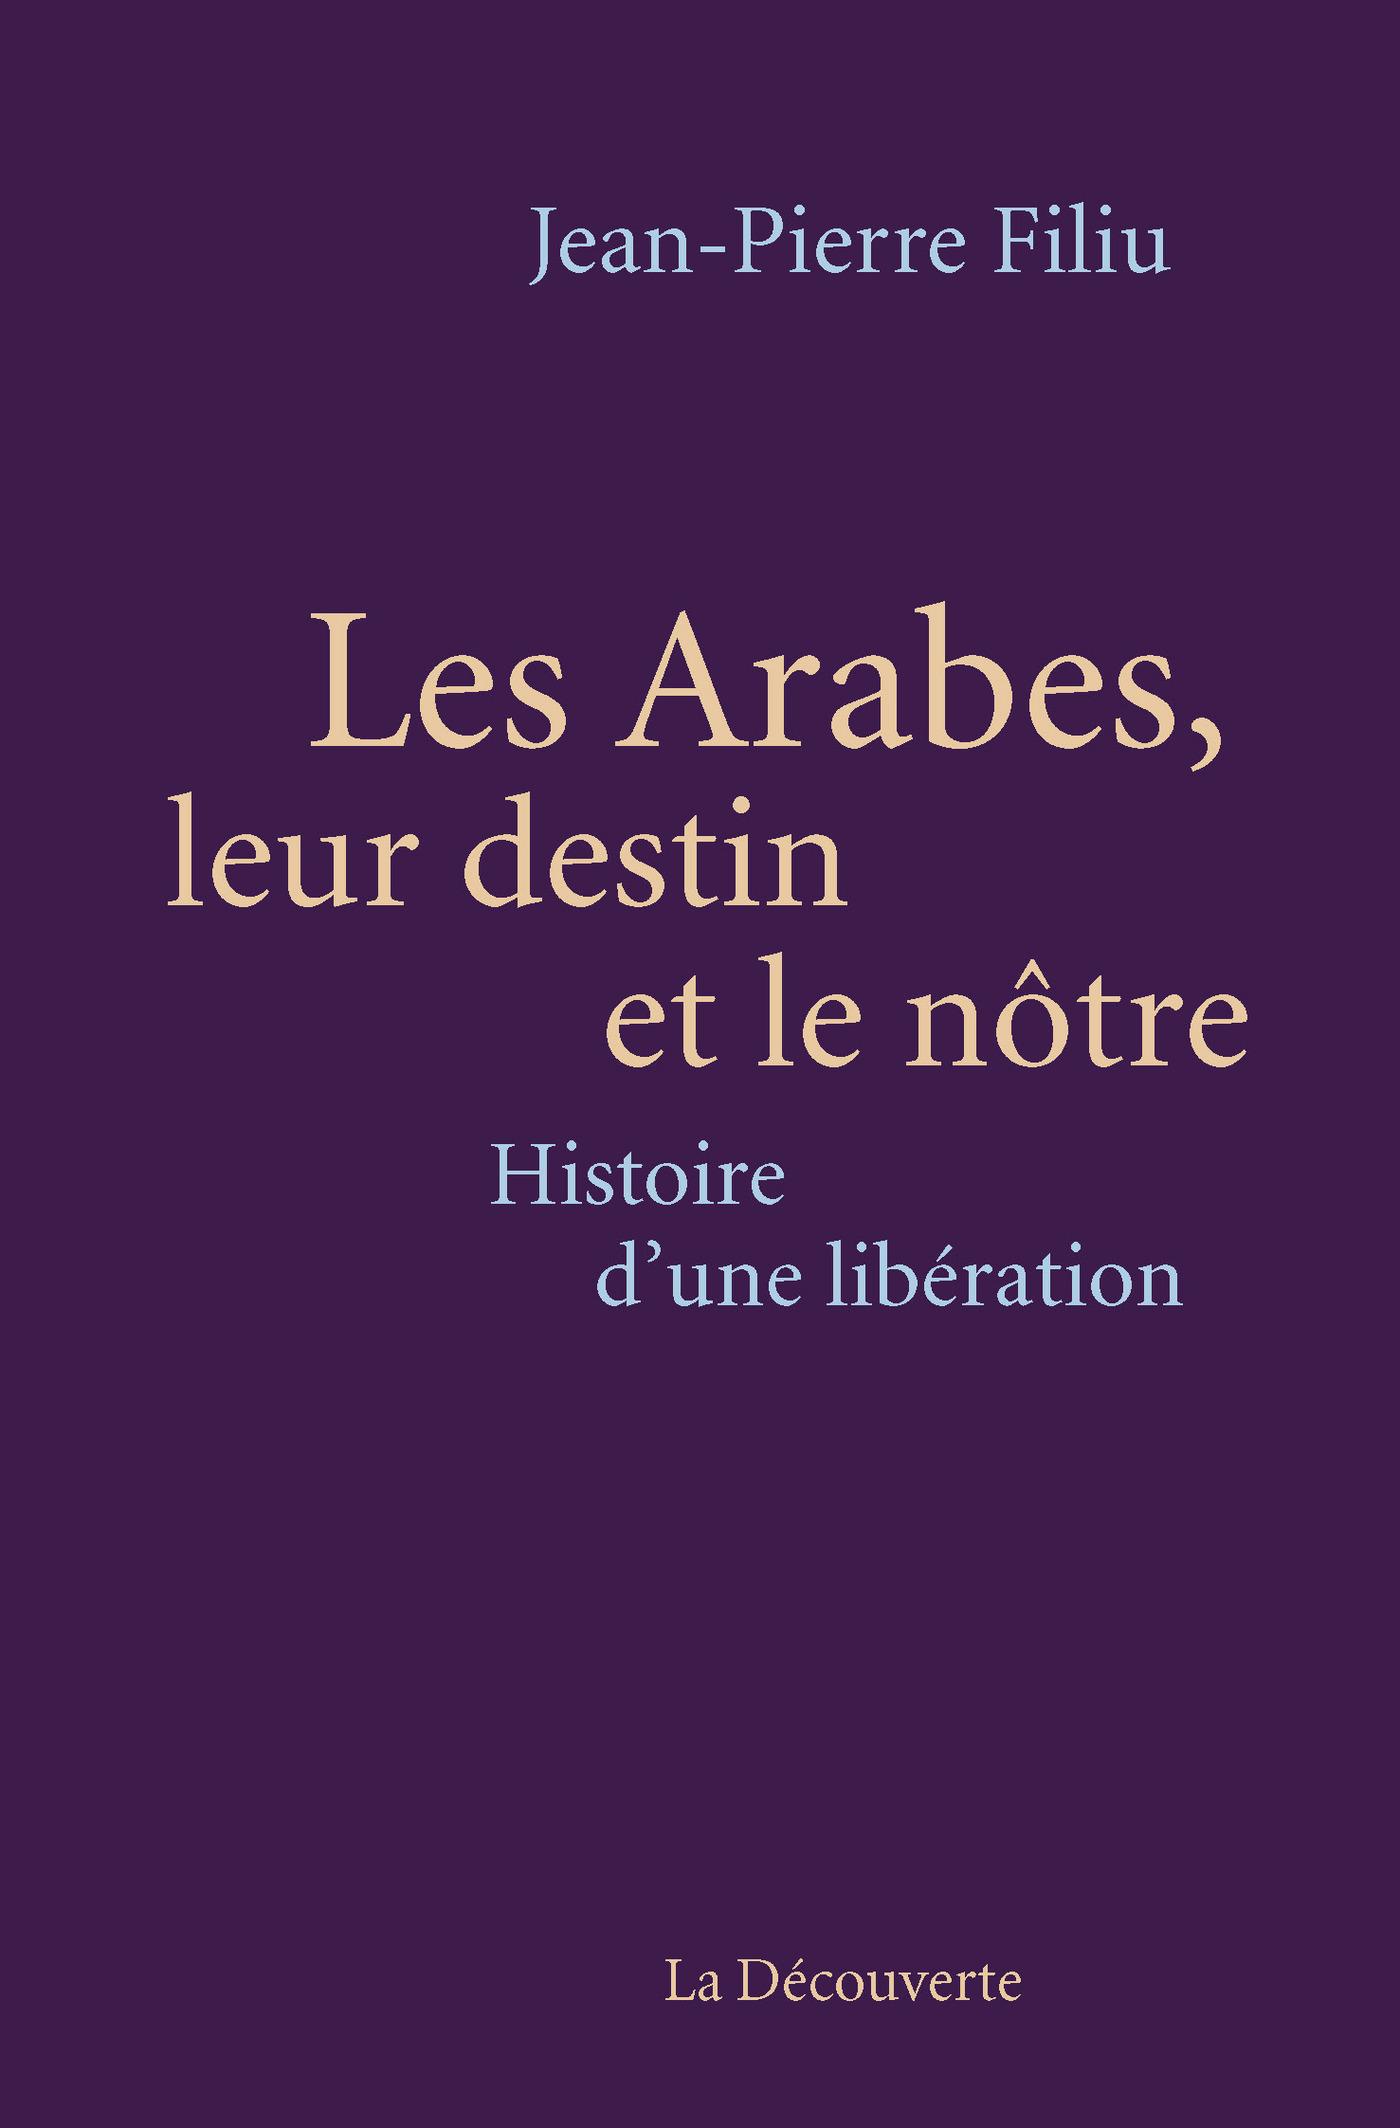 Les Arabes, leur destin et le nôtre | FILIU, Jean-Pierre